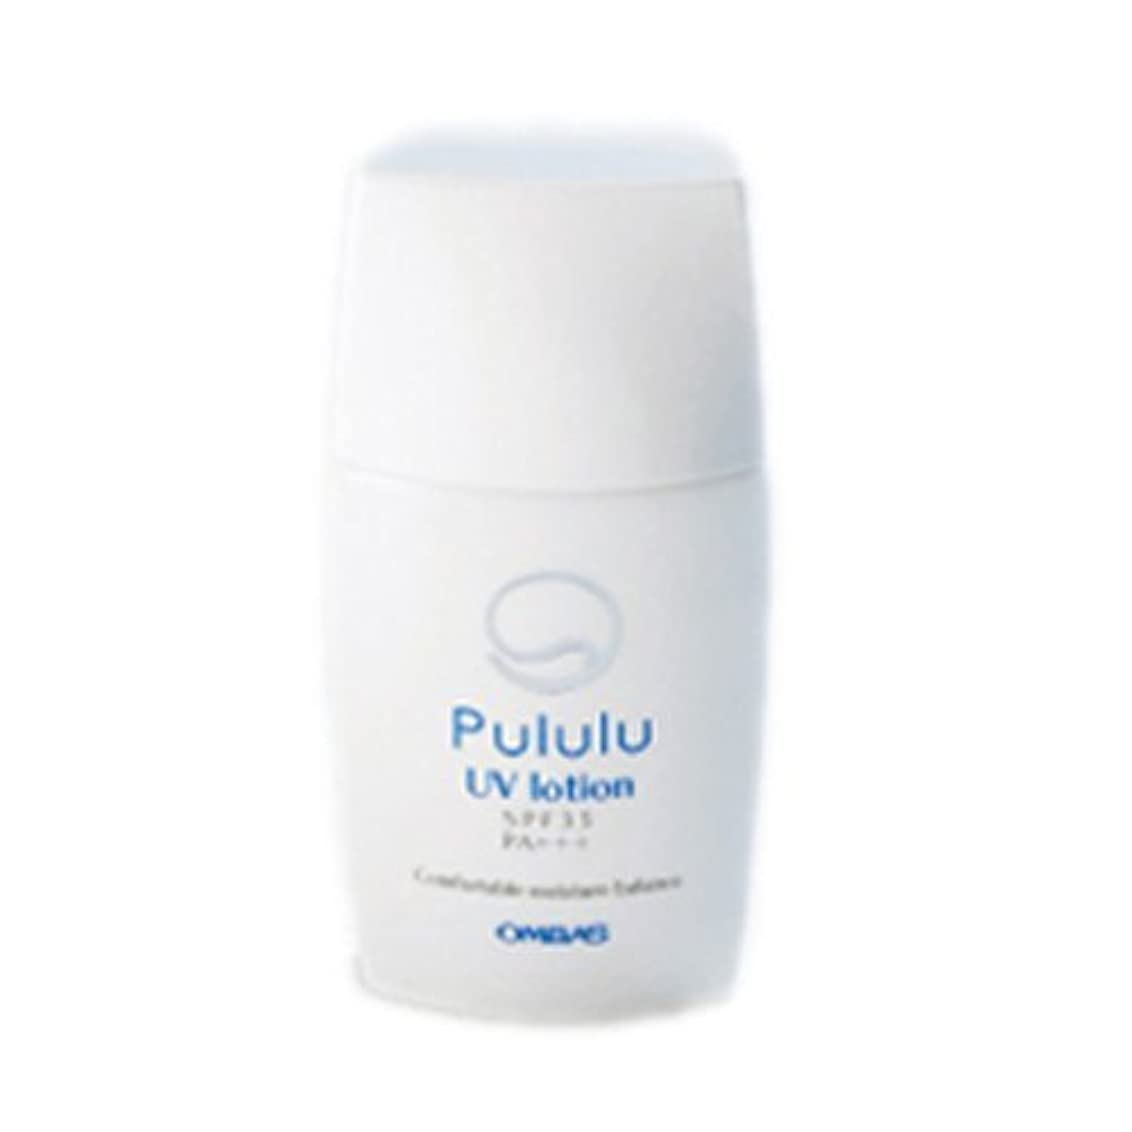 傾向爆風摂氏Pululu シリーズ Pululu UVローション